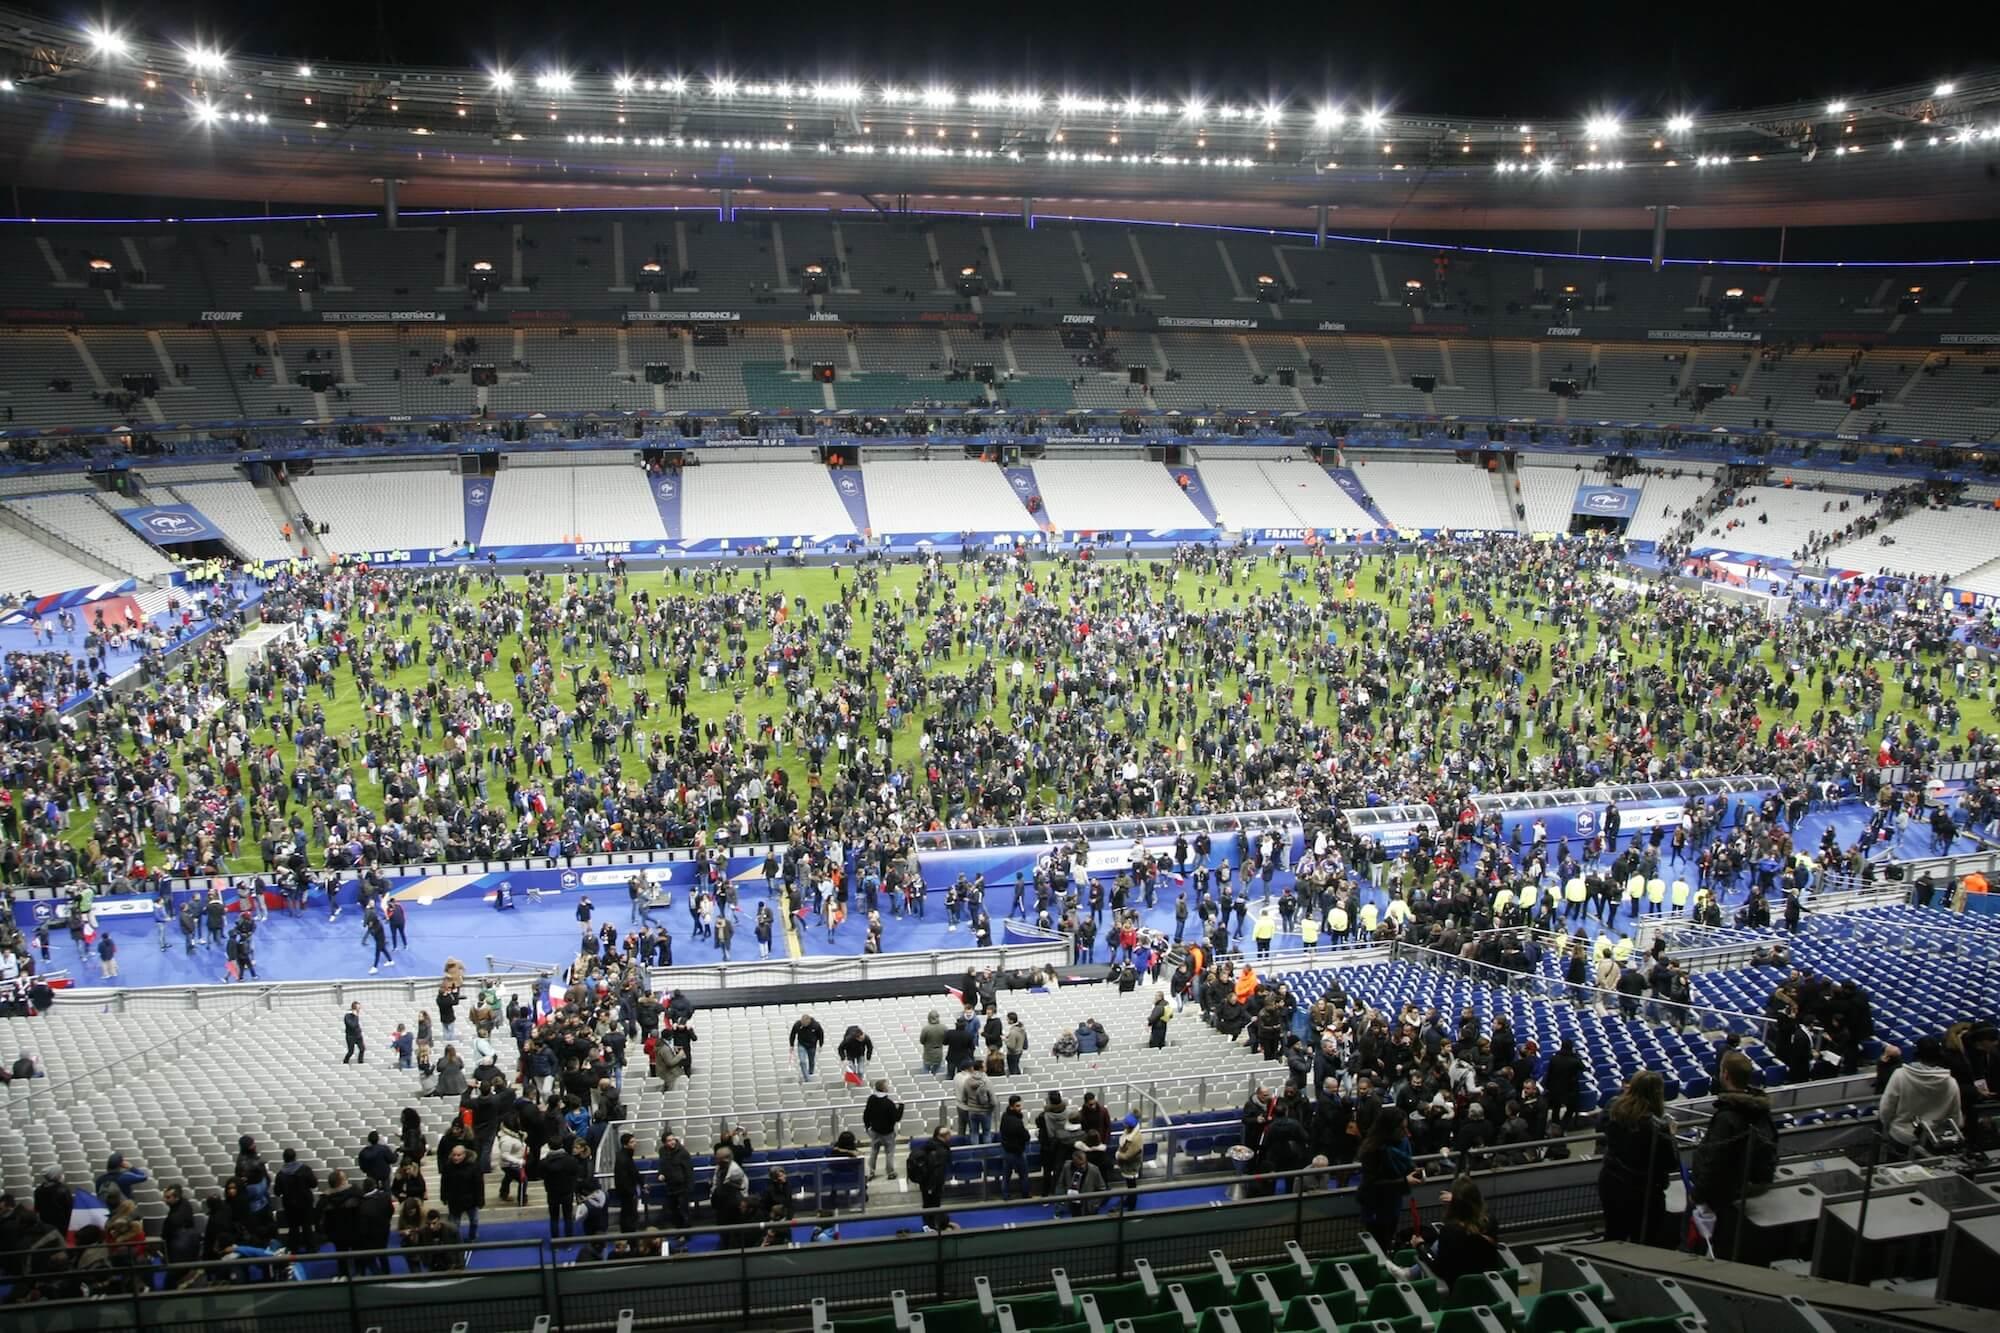 The Stade de France.